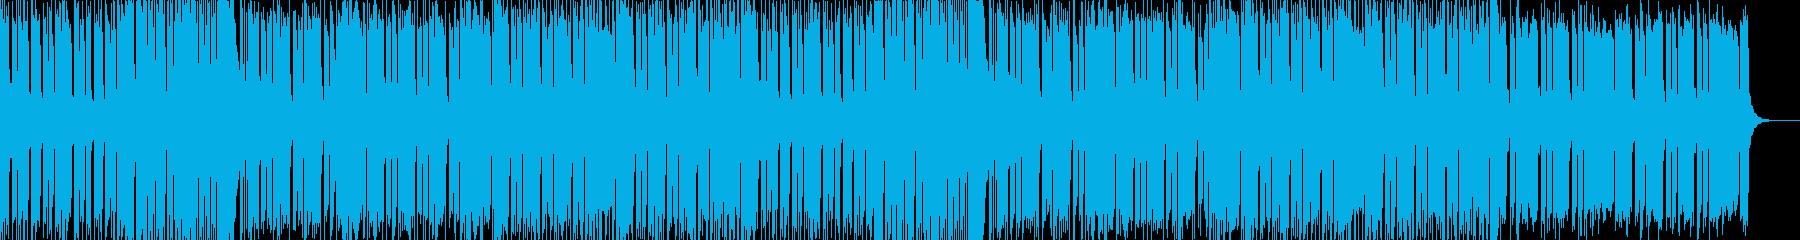 ポップなクラブミュージック 2の再生済みの波形